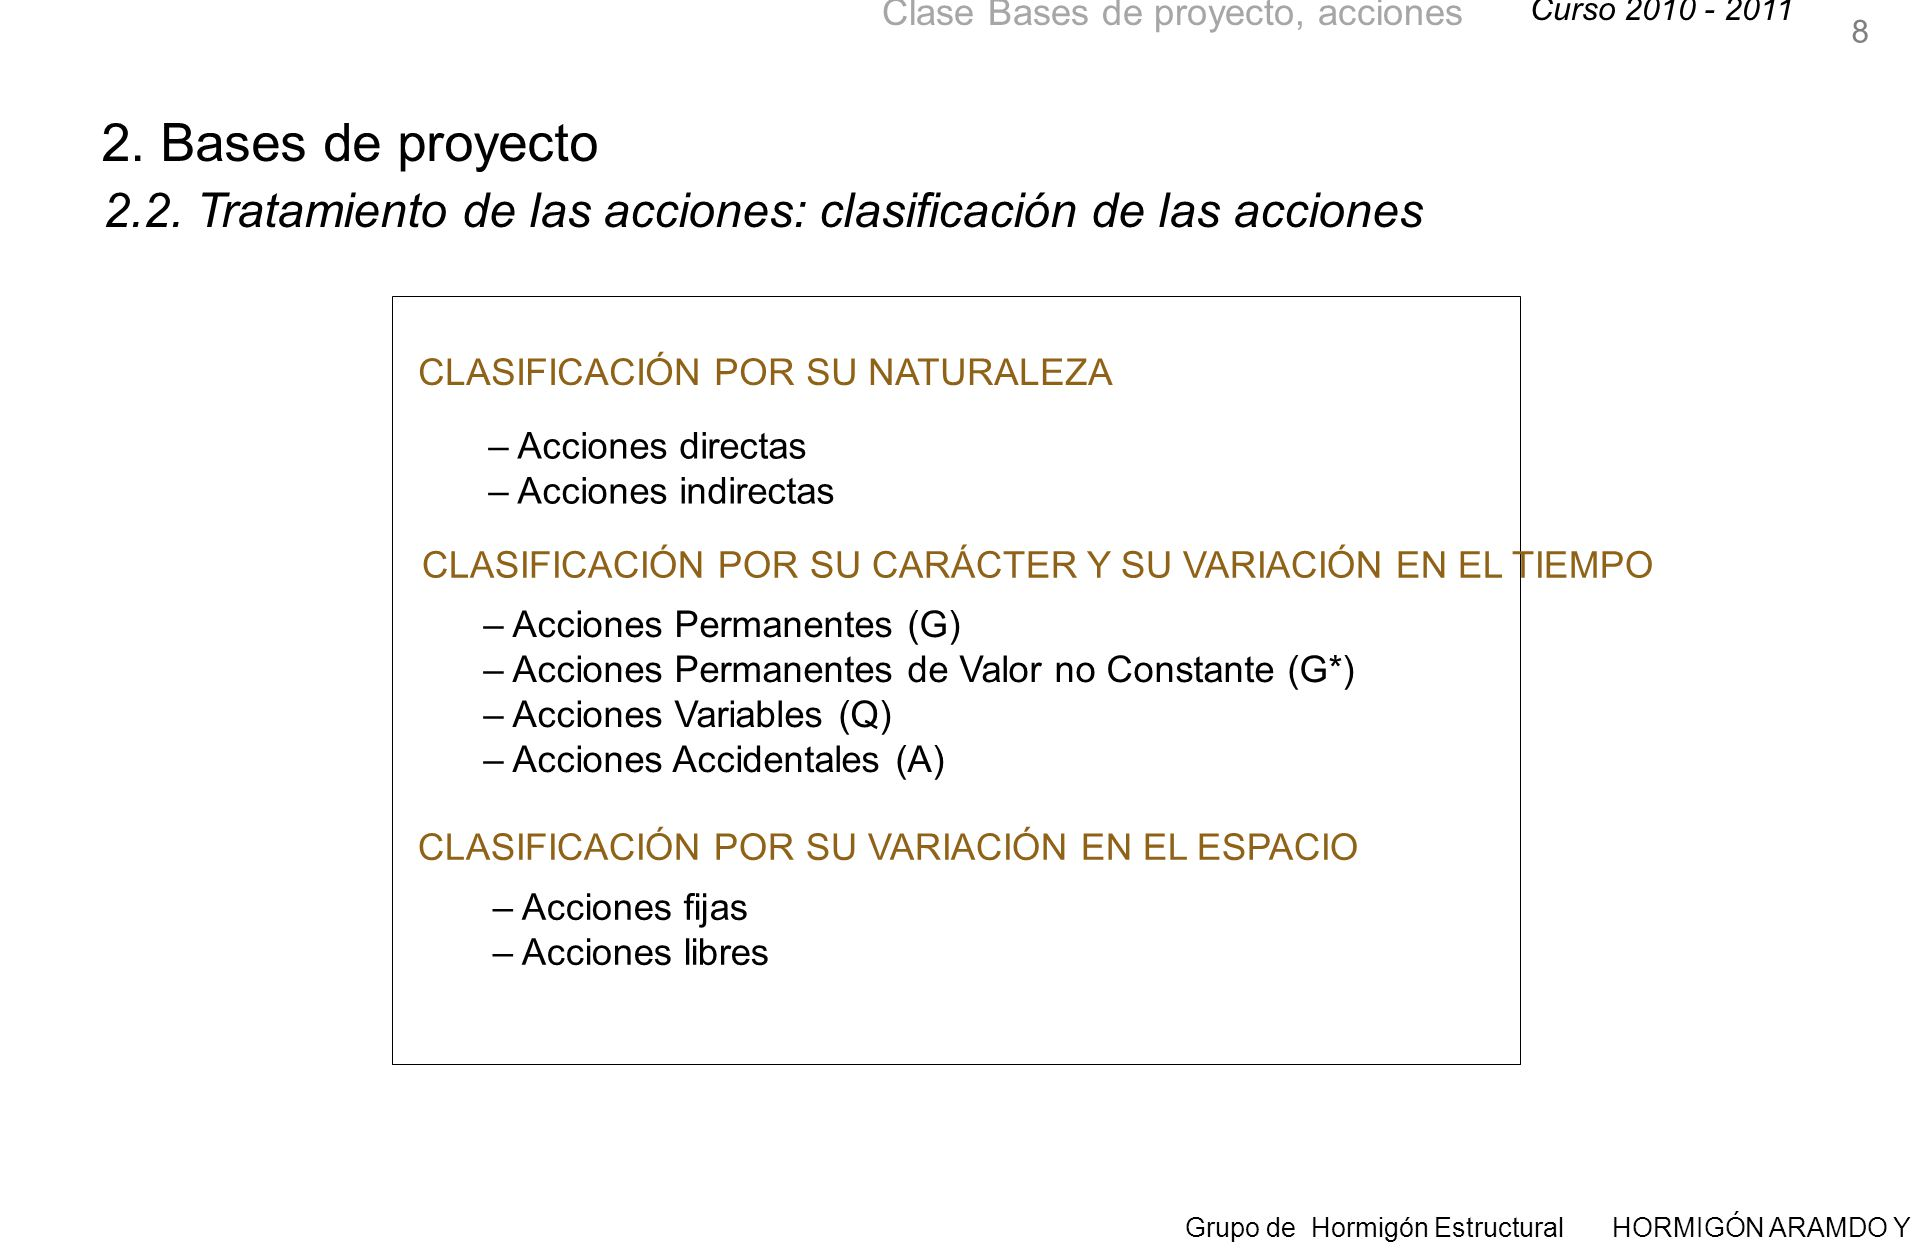 Curso 2010 - 2011 Grupo de Hormigón Estructural HORMIGÓN ARAMDO Y PRETENSADO II Clase Bases de proyecto, acciones 39 2.